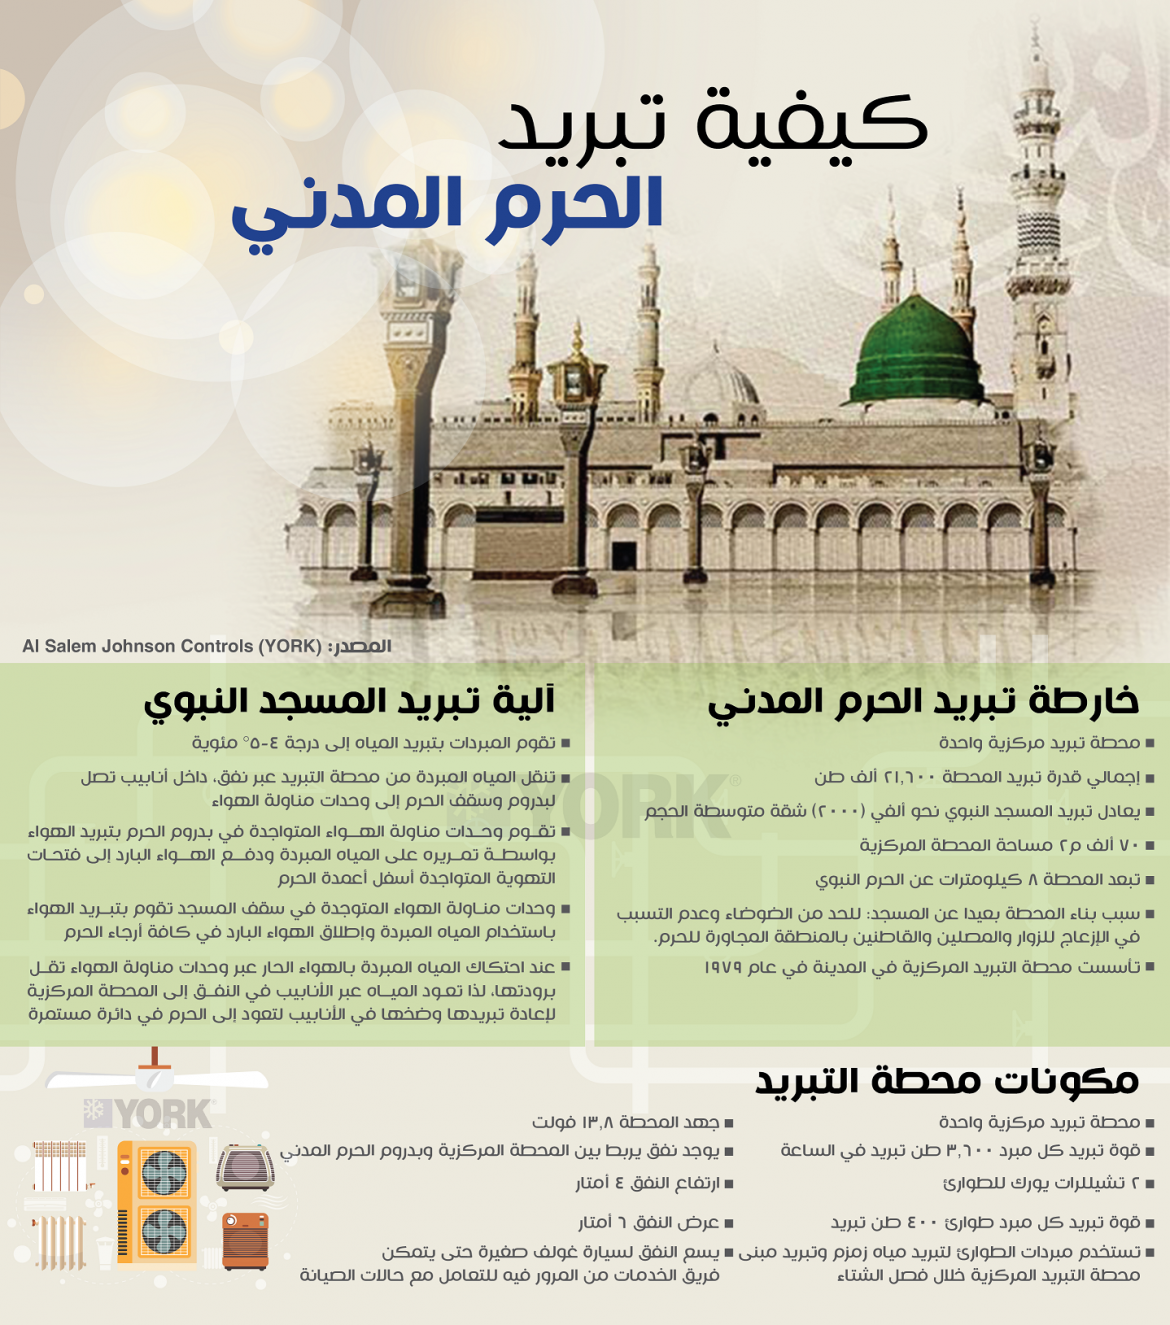 تعرف على كيف تعمل أنظمة تبريد المسجد النبوي الشريف بالمدينة المنورة